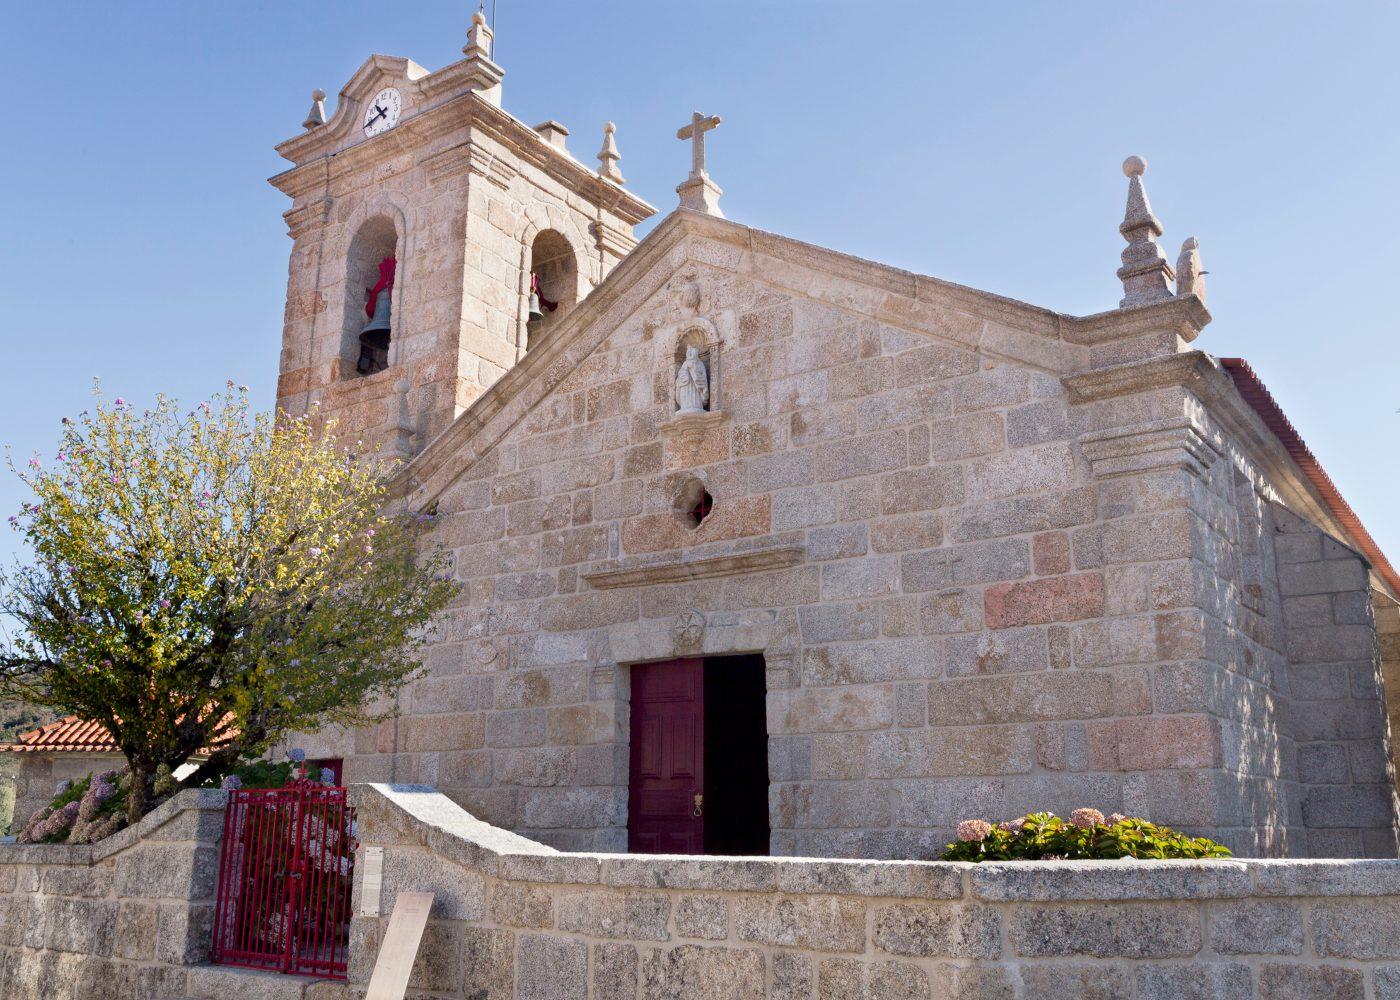 Castelo de Nossa Senhora da Visitação